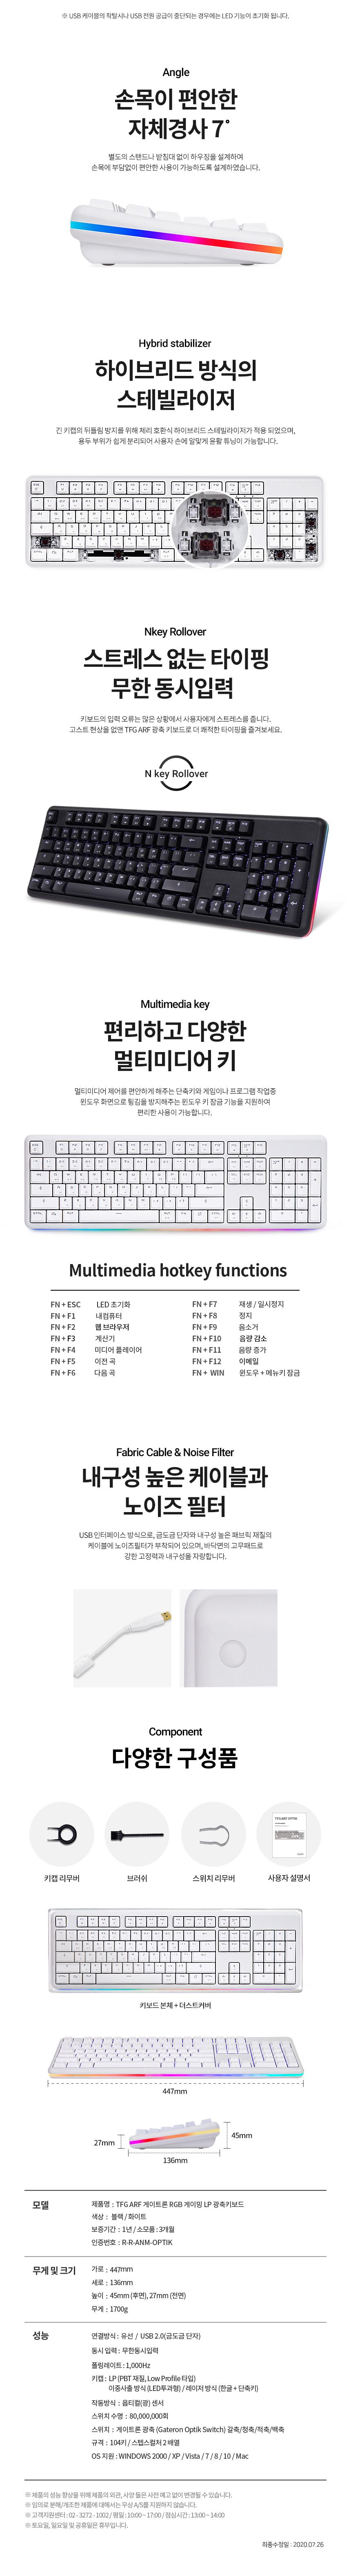 한성컴퓨터 TFG ARF 게이트론 RGB 게이밍 LP 광축키보드 (블랙, 청축)